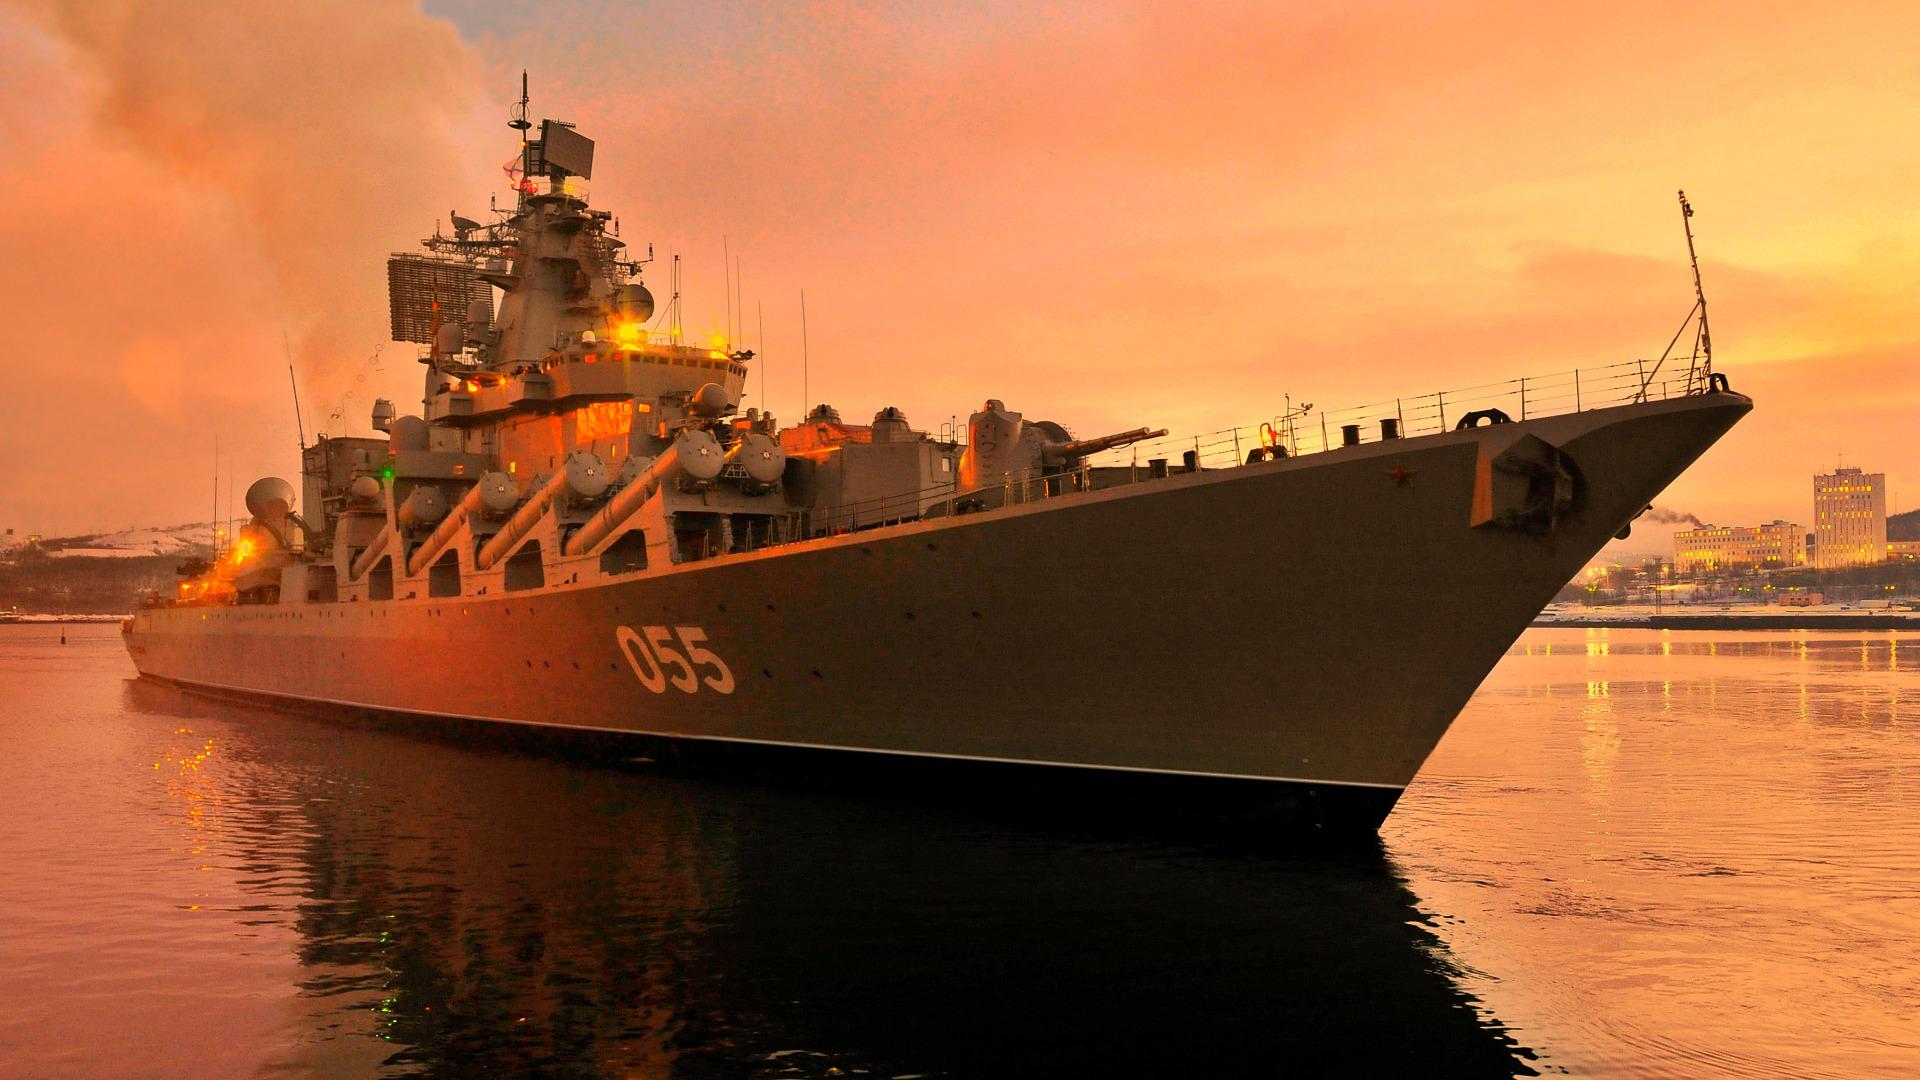 ракетный крейсер маршал устинов фото плагин просто находка